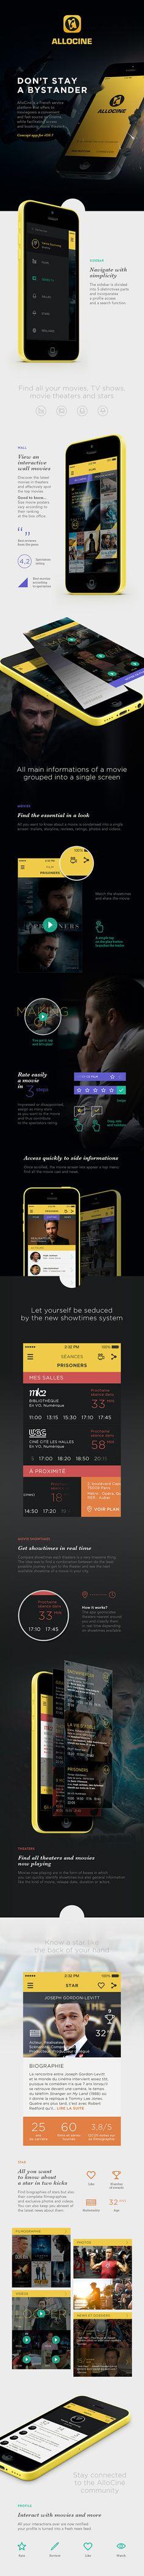 AlloCine - Concept Mobile app #ios7 #app #ui #iphone